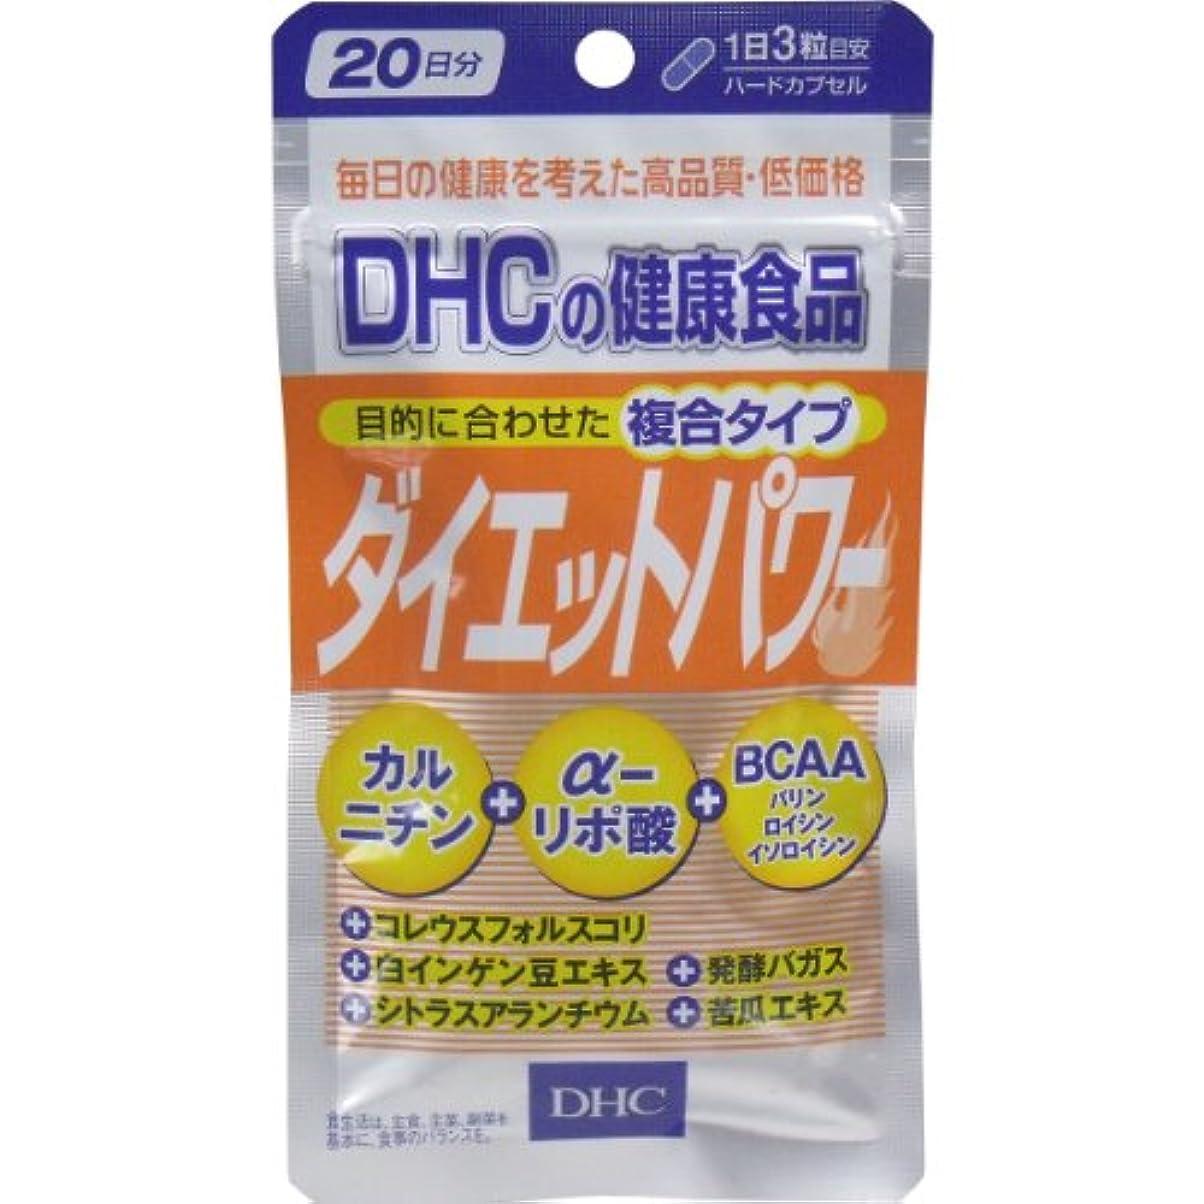 騒乱腹痛論理DHC ダイエットパワー 60粒入 20日分